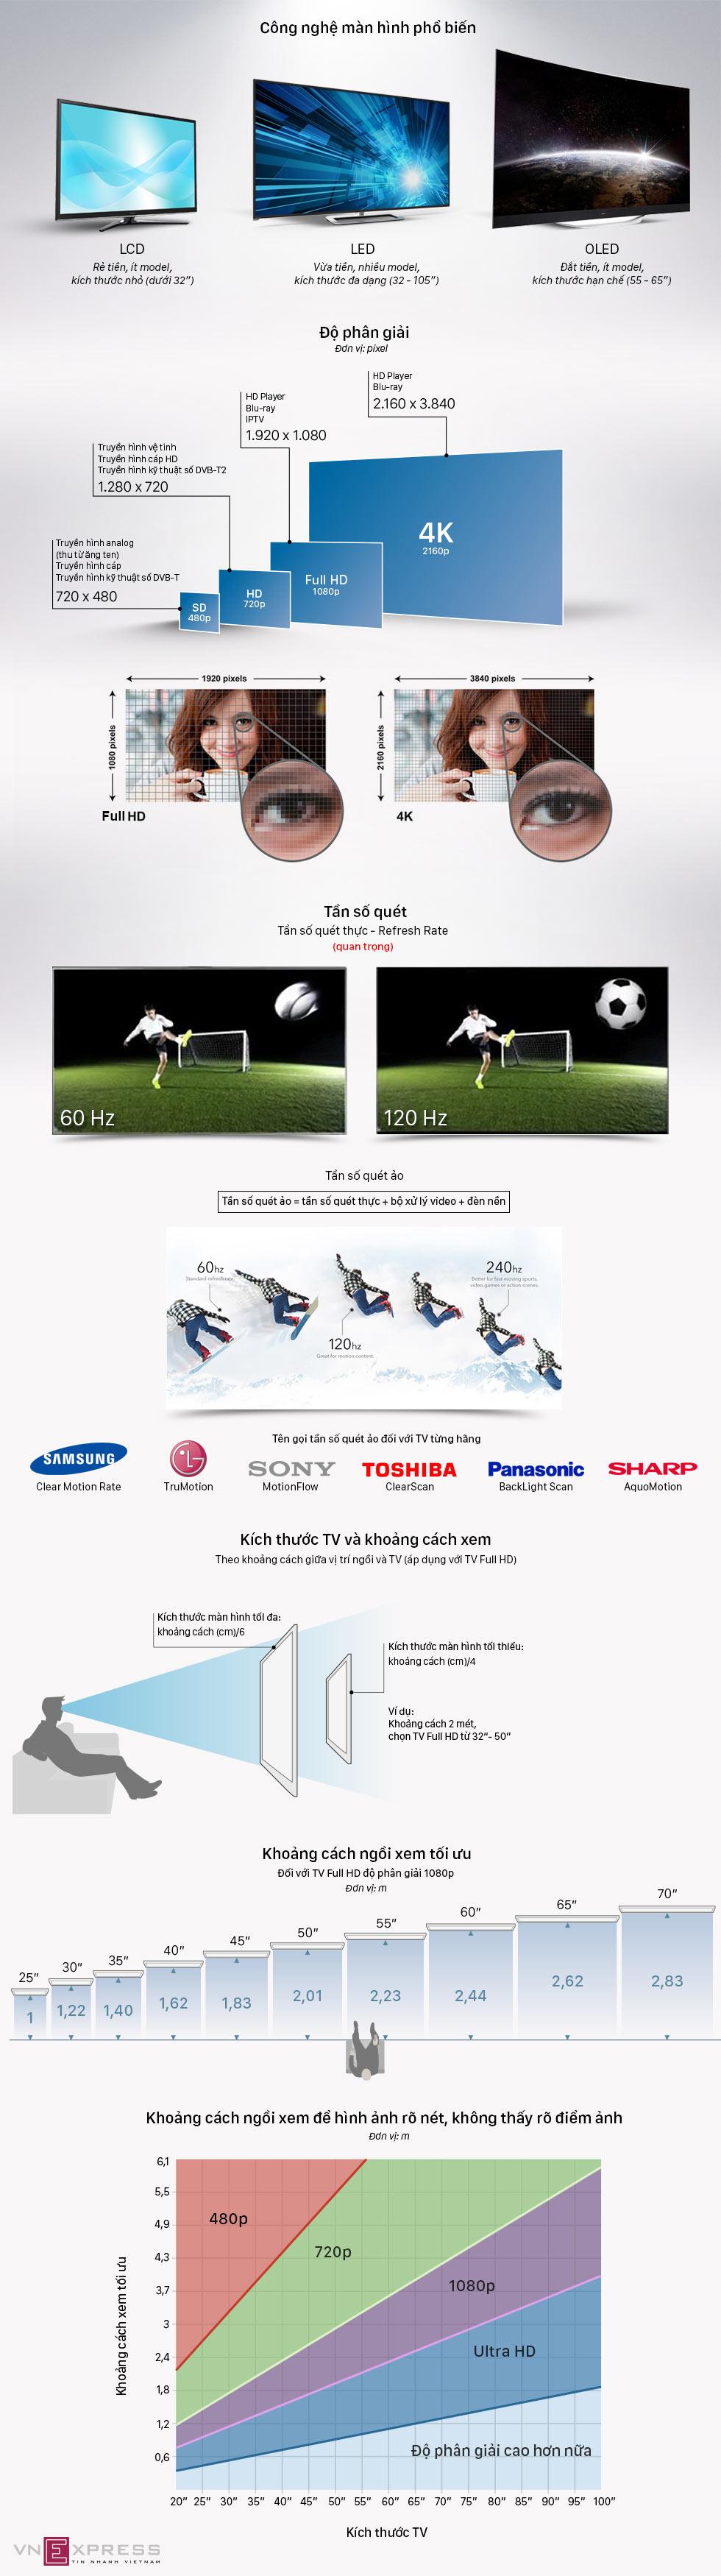 5 bước chọn mua đúng TV để xem bóng đá